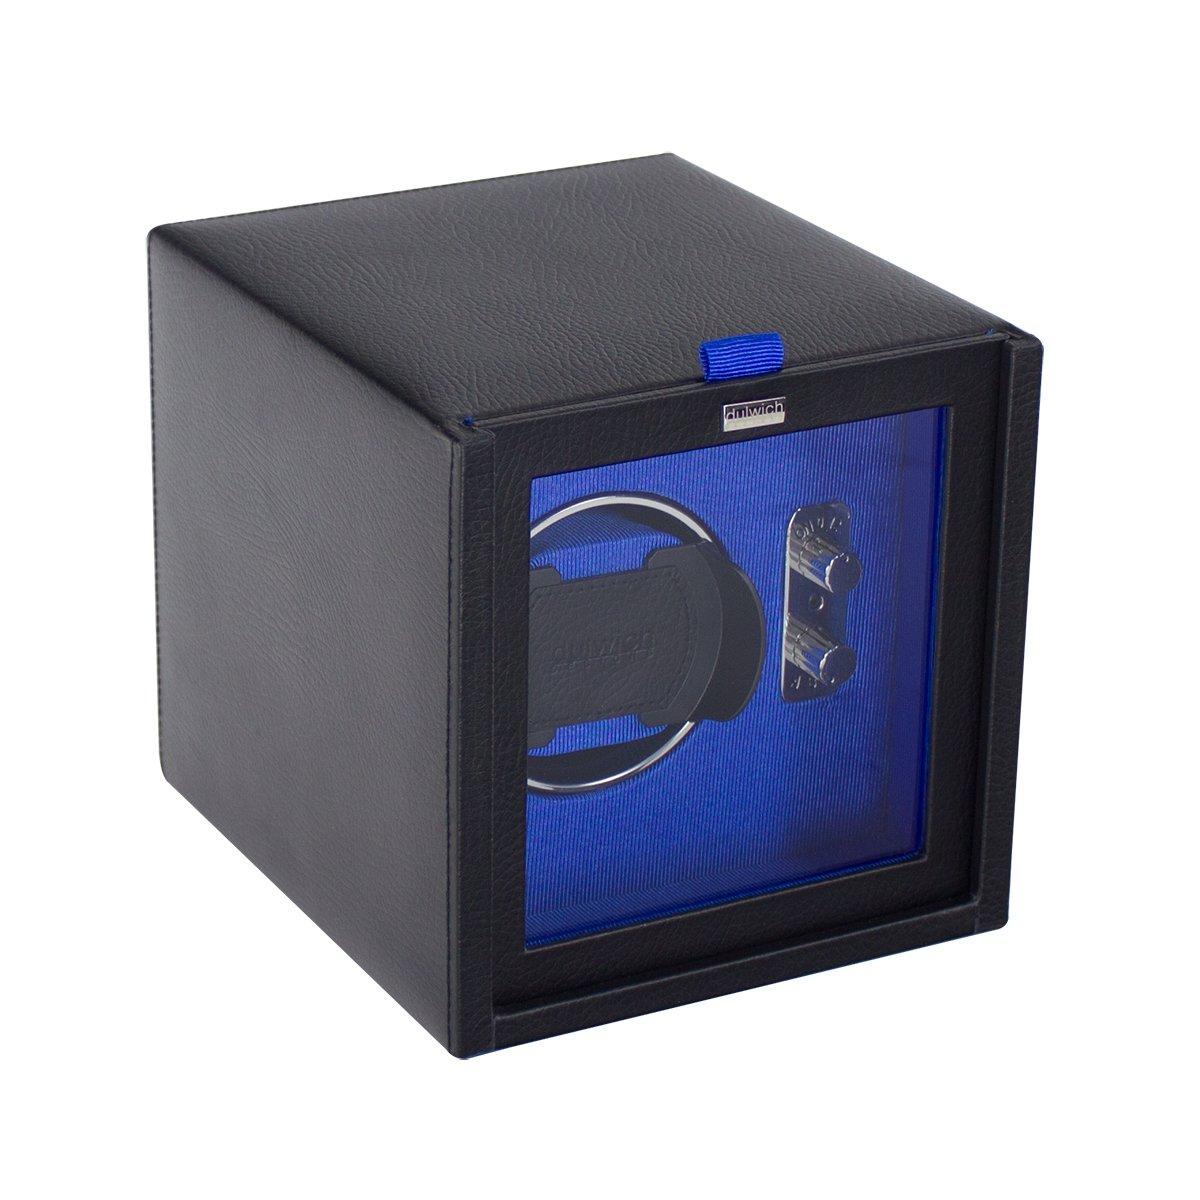 Dulwich Designs herren accessoire schwarz & blau einzeln uhrenbeweger rotator